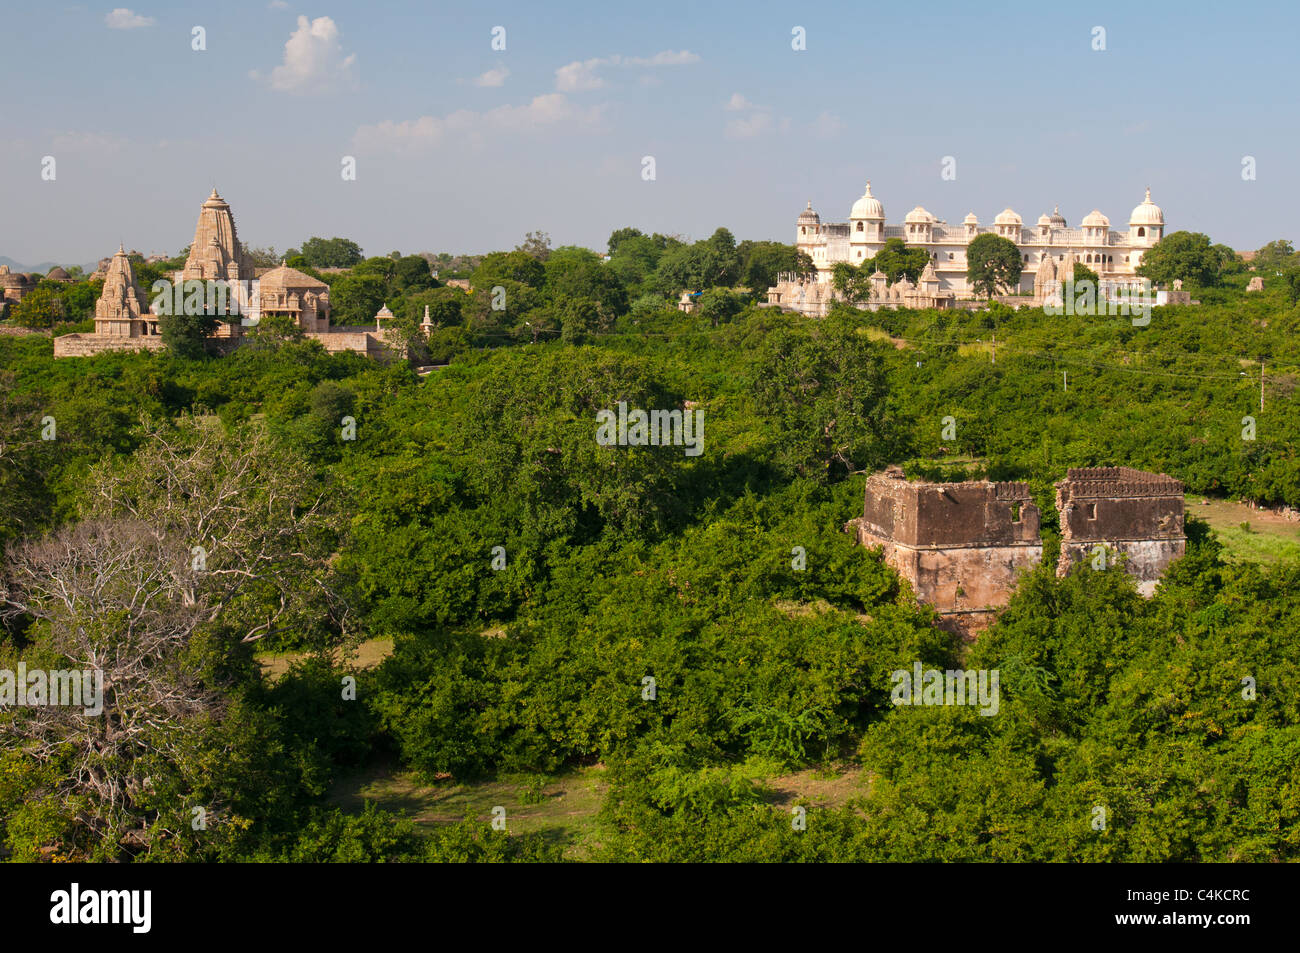 Chittorgarh Fort (auch Chittor, Chittaur oder Chittaurgarh), Rajasthan Zustand, West-Indien, Asien Stockbild